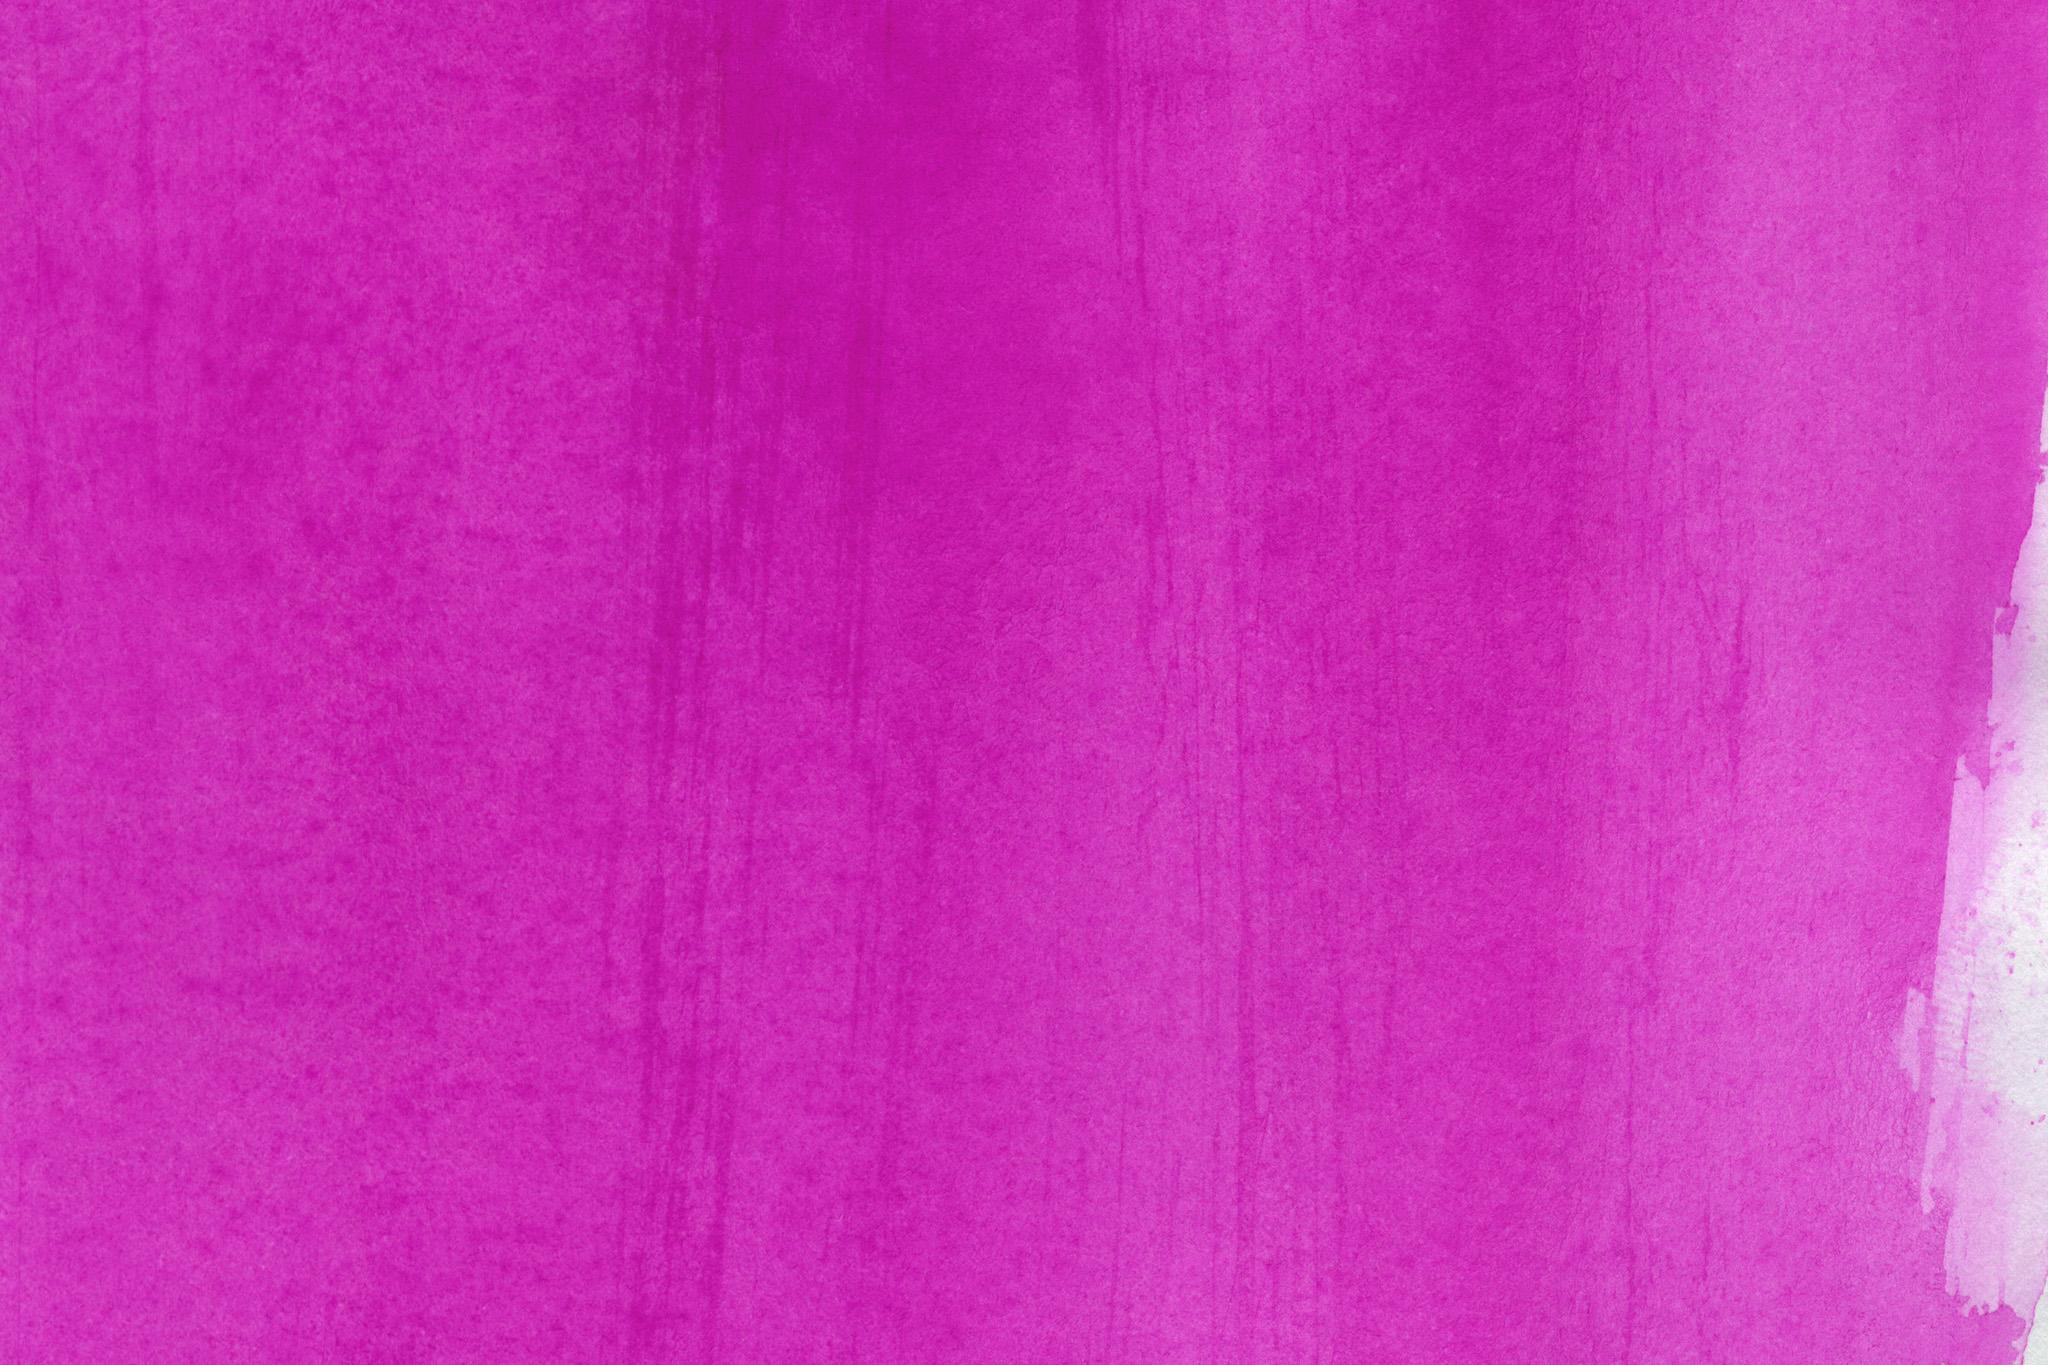 「フランボワーズの水彩イメージ」